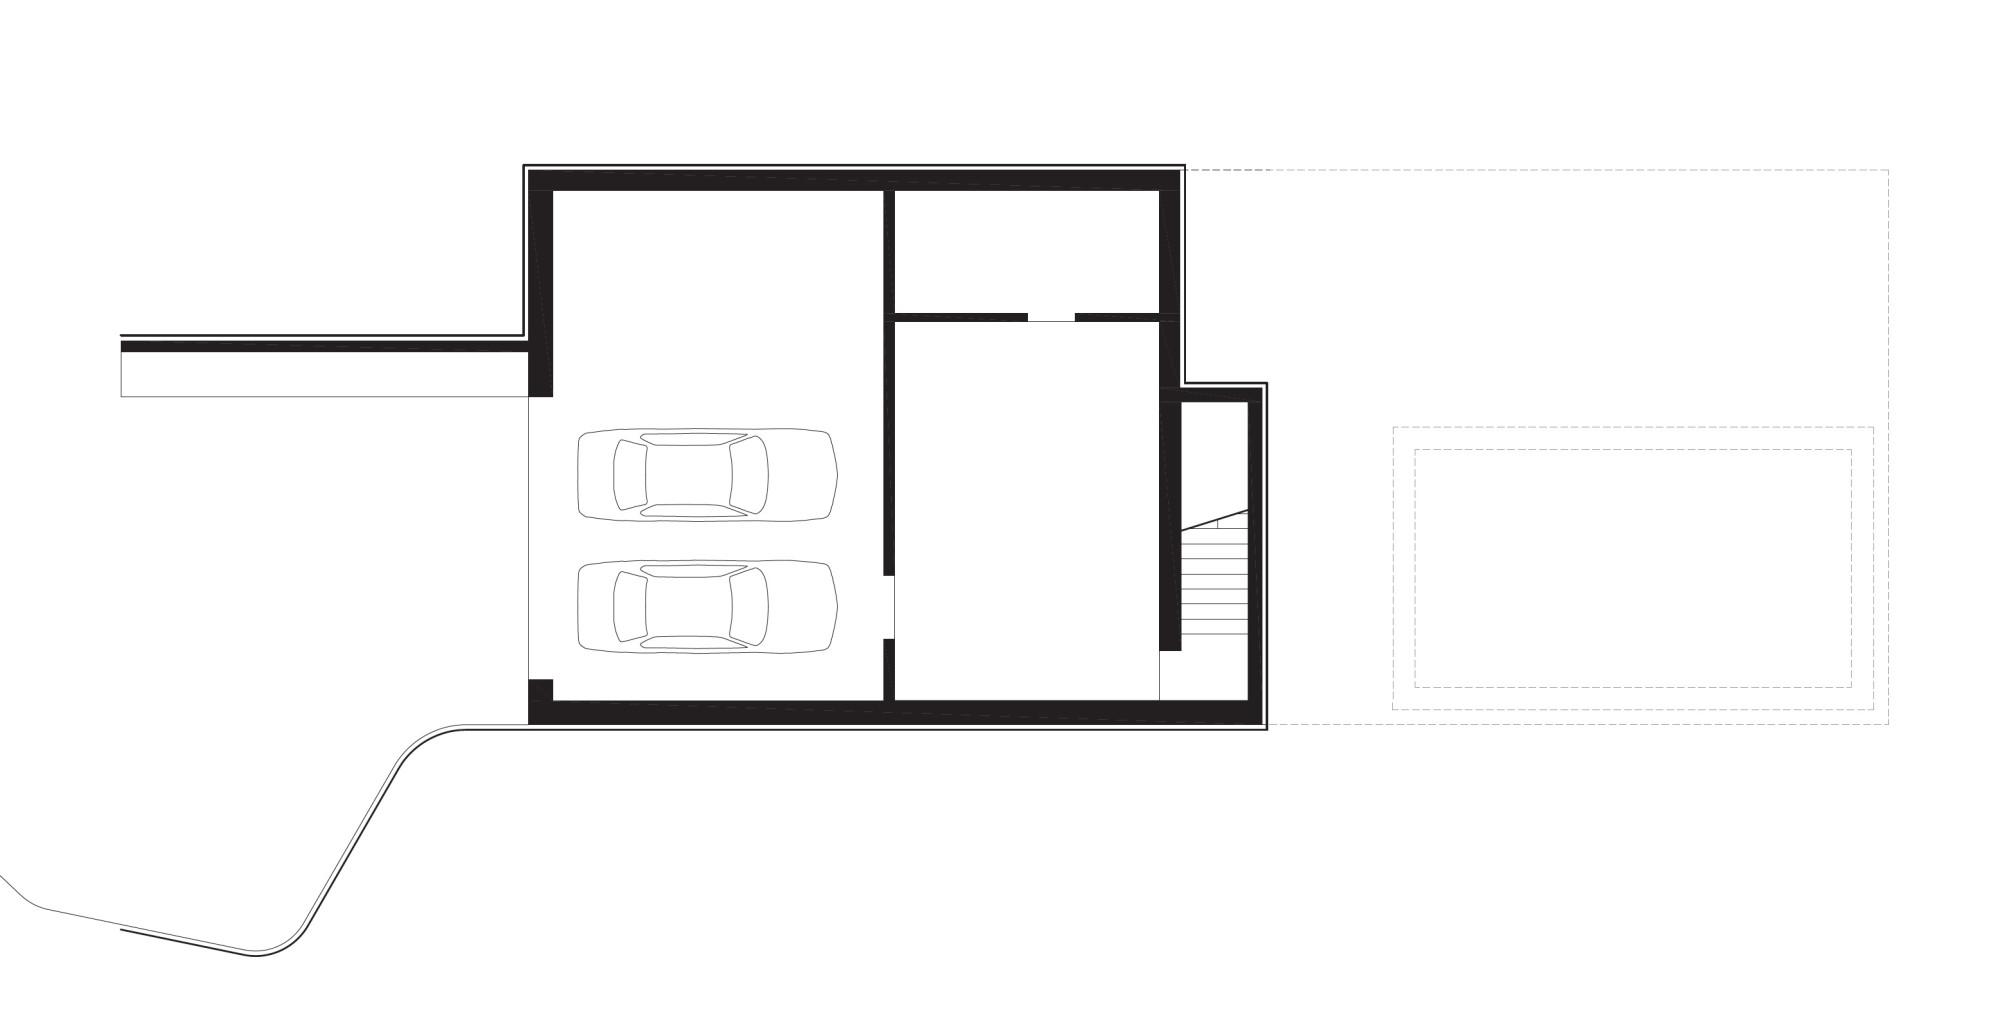 loft in der scheune in hittisau gesund bauen wohnen baunetz wissen. Black Bedroom Furniture Sets. Home Design Ideas